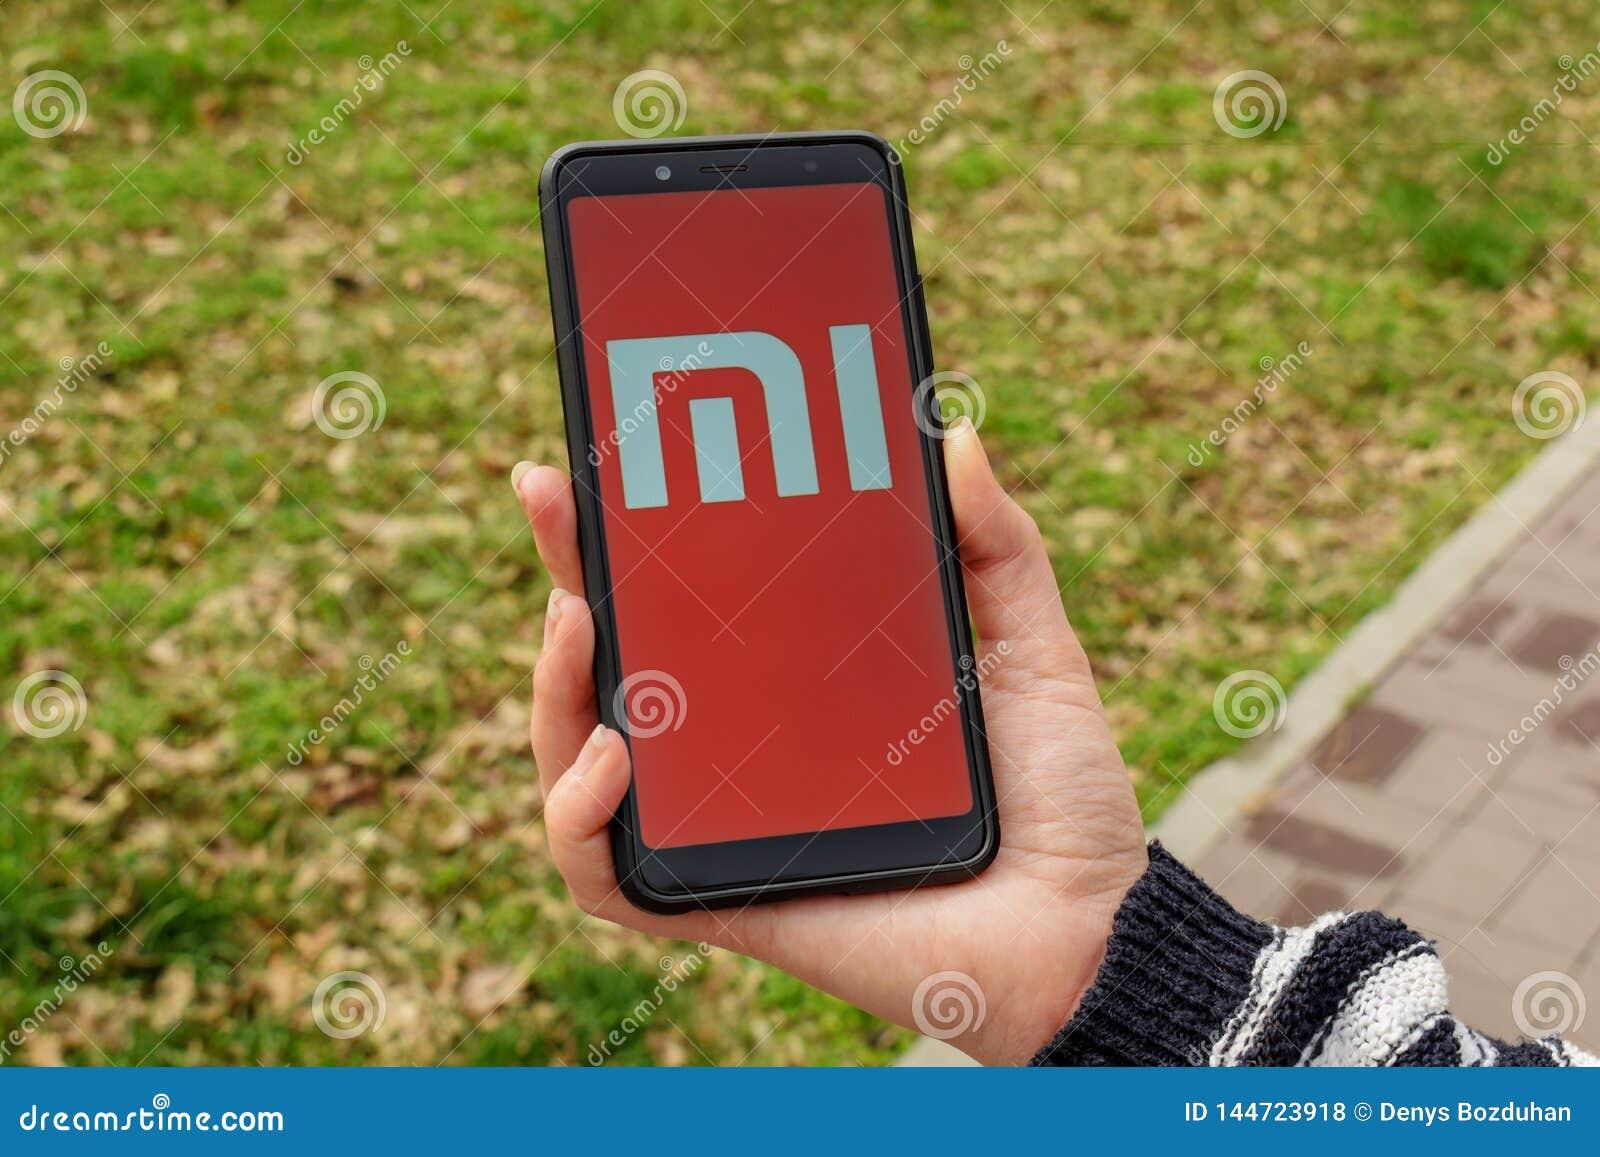 De Oekraïne, Kremenchug - April, 2019: Xiaomi MI embleem op Smartphone-het Scherm